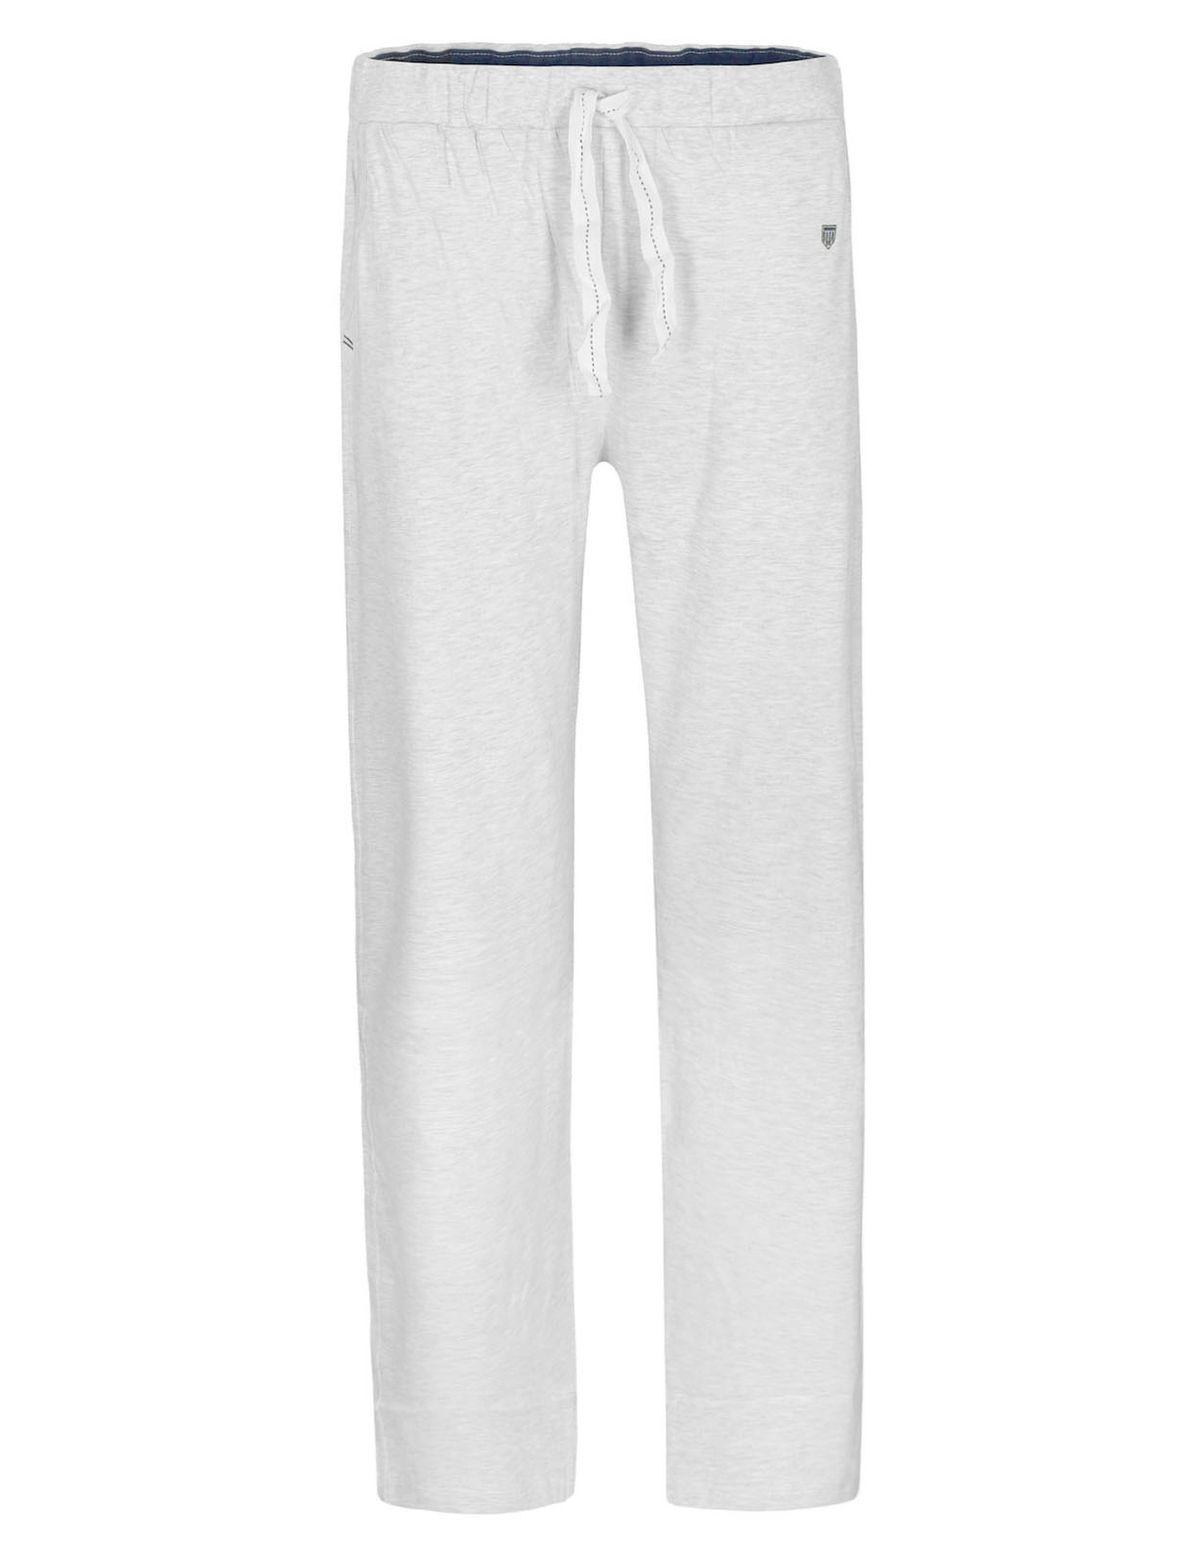 HOMEWEAR Pyjama Hose mit Tunnelzug - Grey Melange